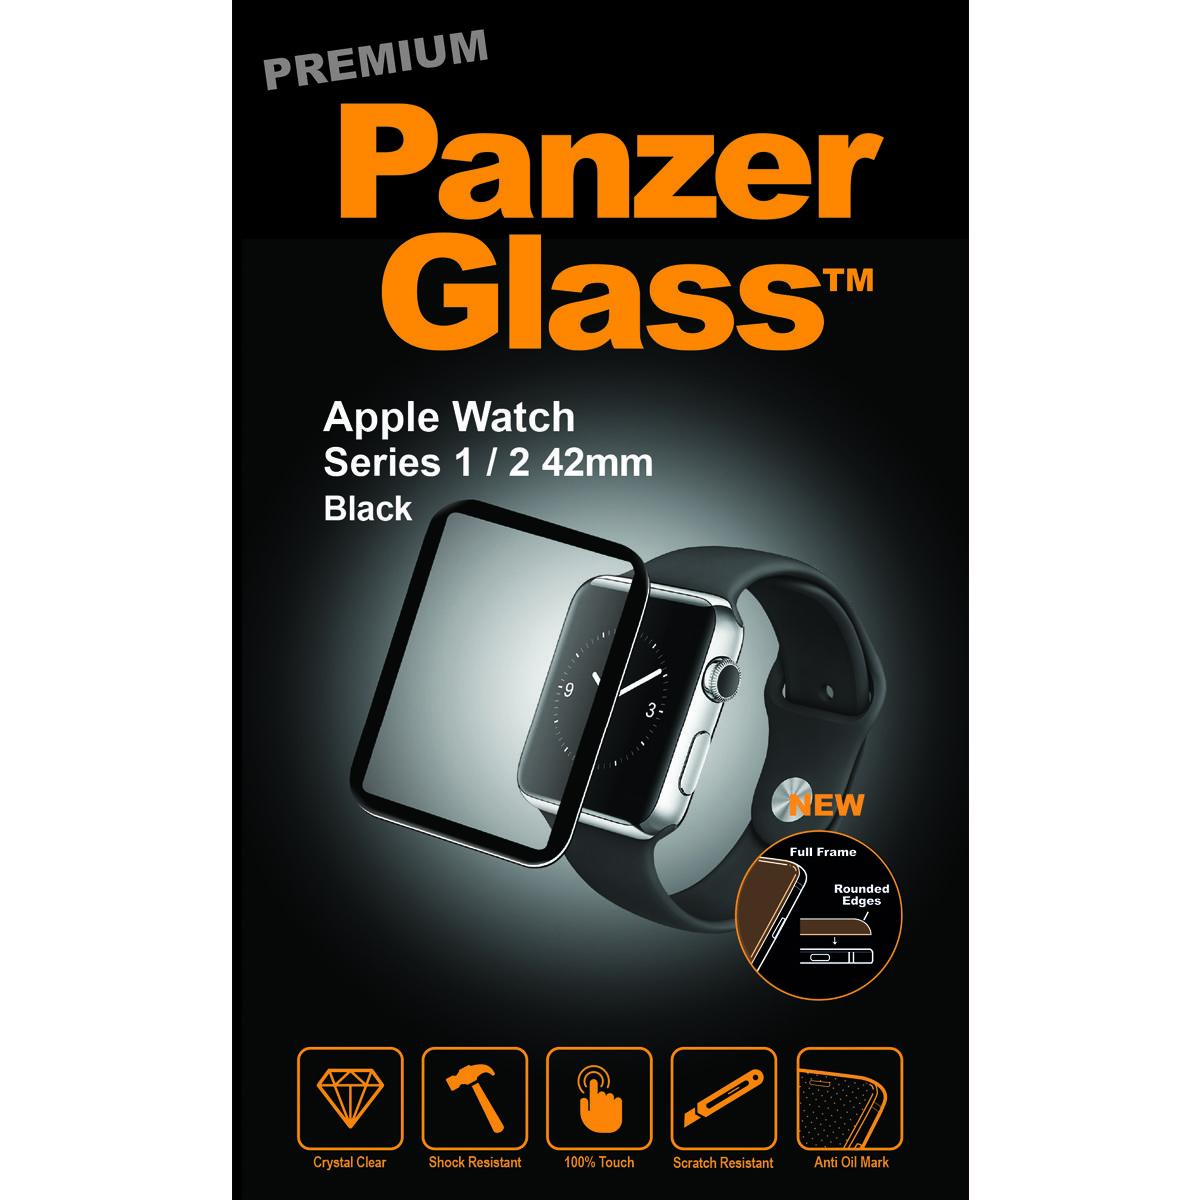 PanzerGlass 2012 accesorio de smartwatch Protector de pantalla Negro